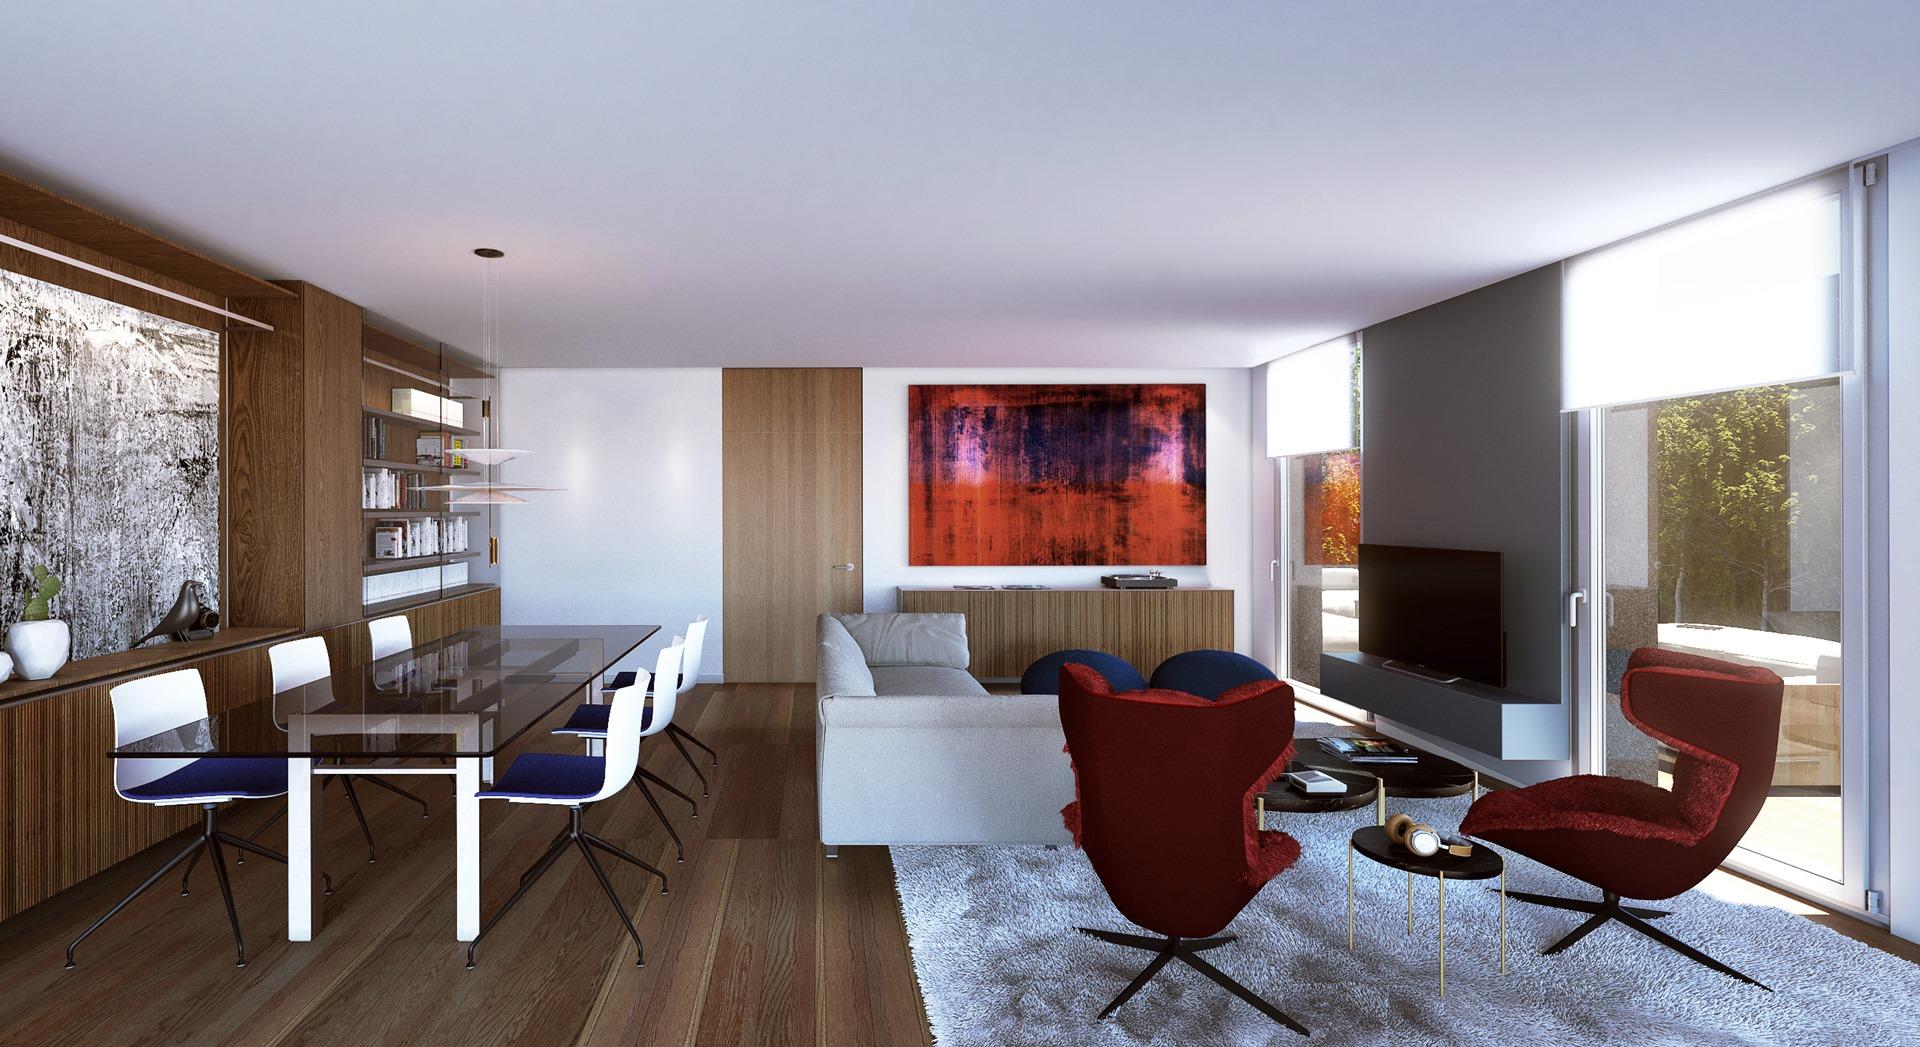 Edificio f tima pisos de obra nueva pr ximas al centro de - Alquiler pisos baratos ourense ...